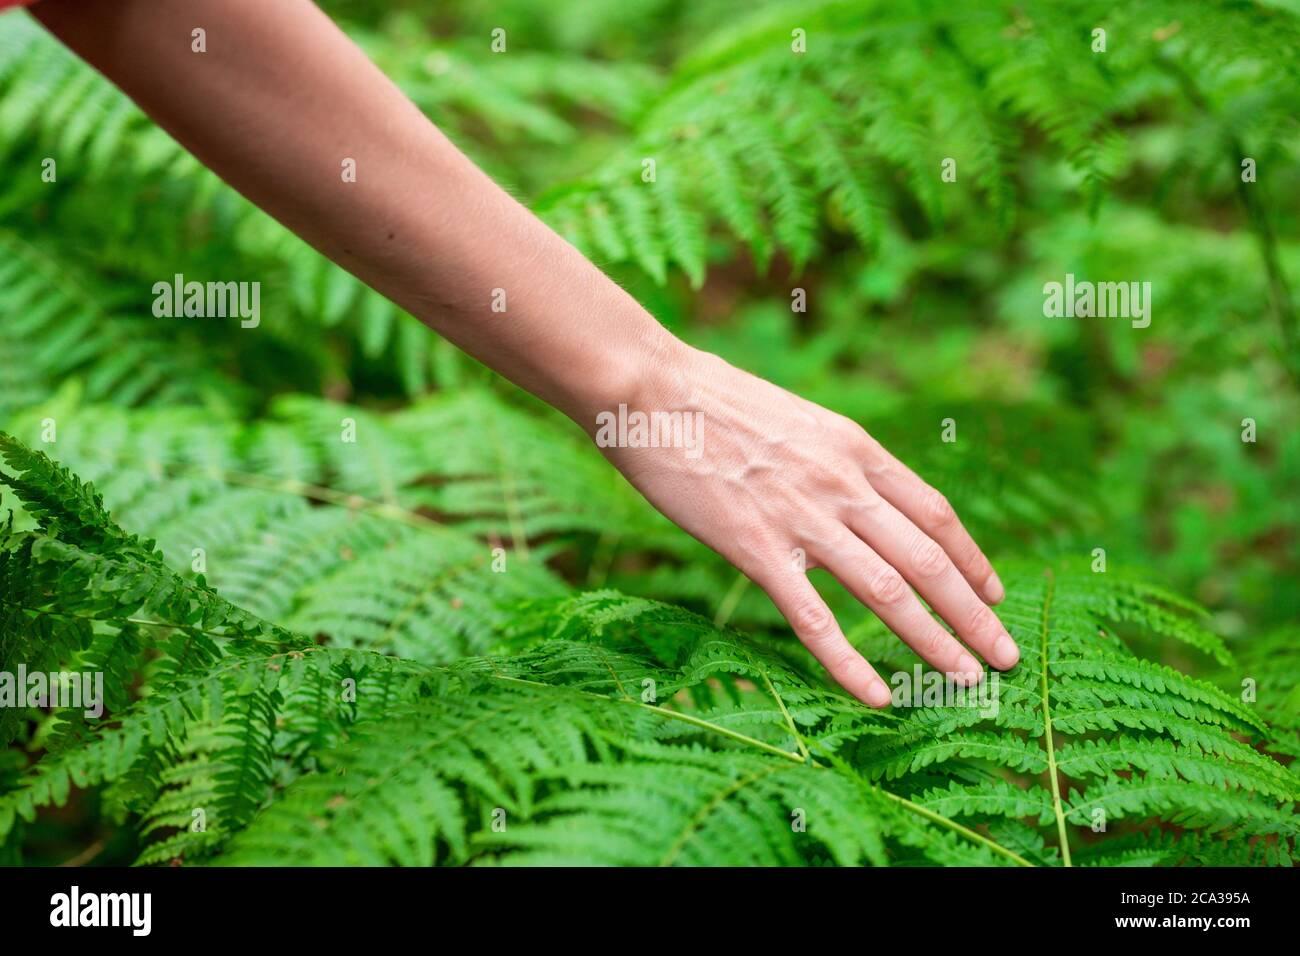 La mano femenina, con los dedos largos y elegantes toca suavemente la planta, las hojas de helecho. Primer plano de una persona irreconocible. Imagen de alta calidad. Foto de stock